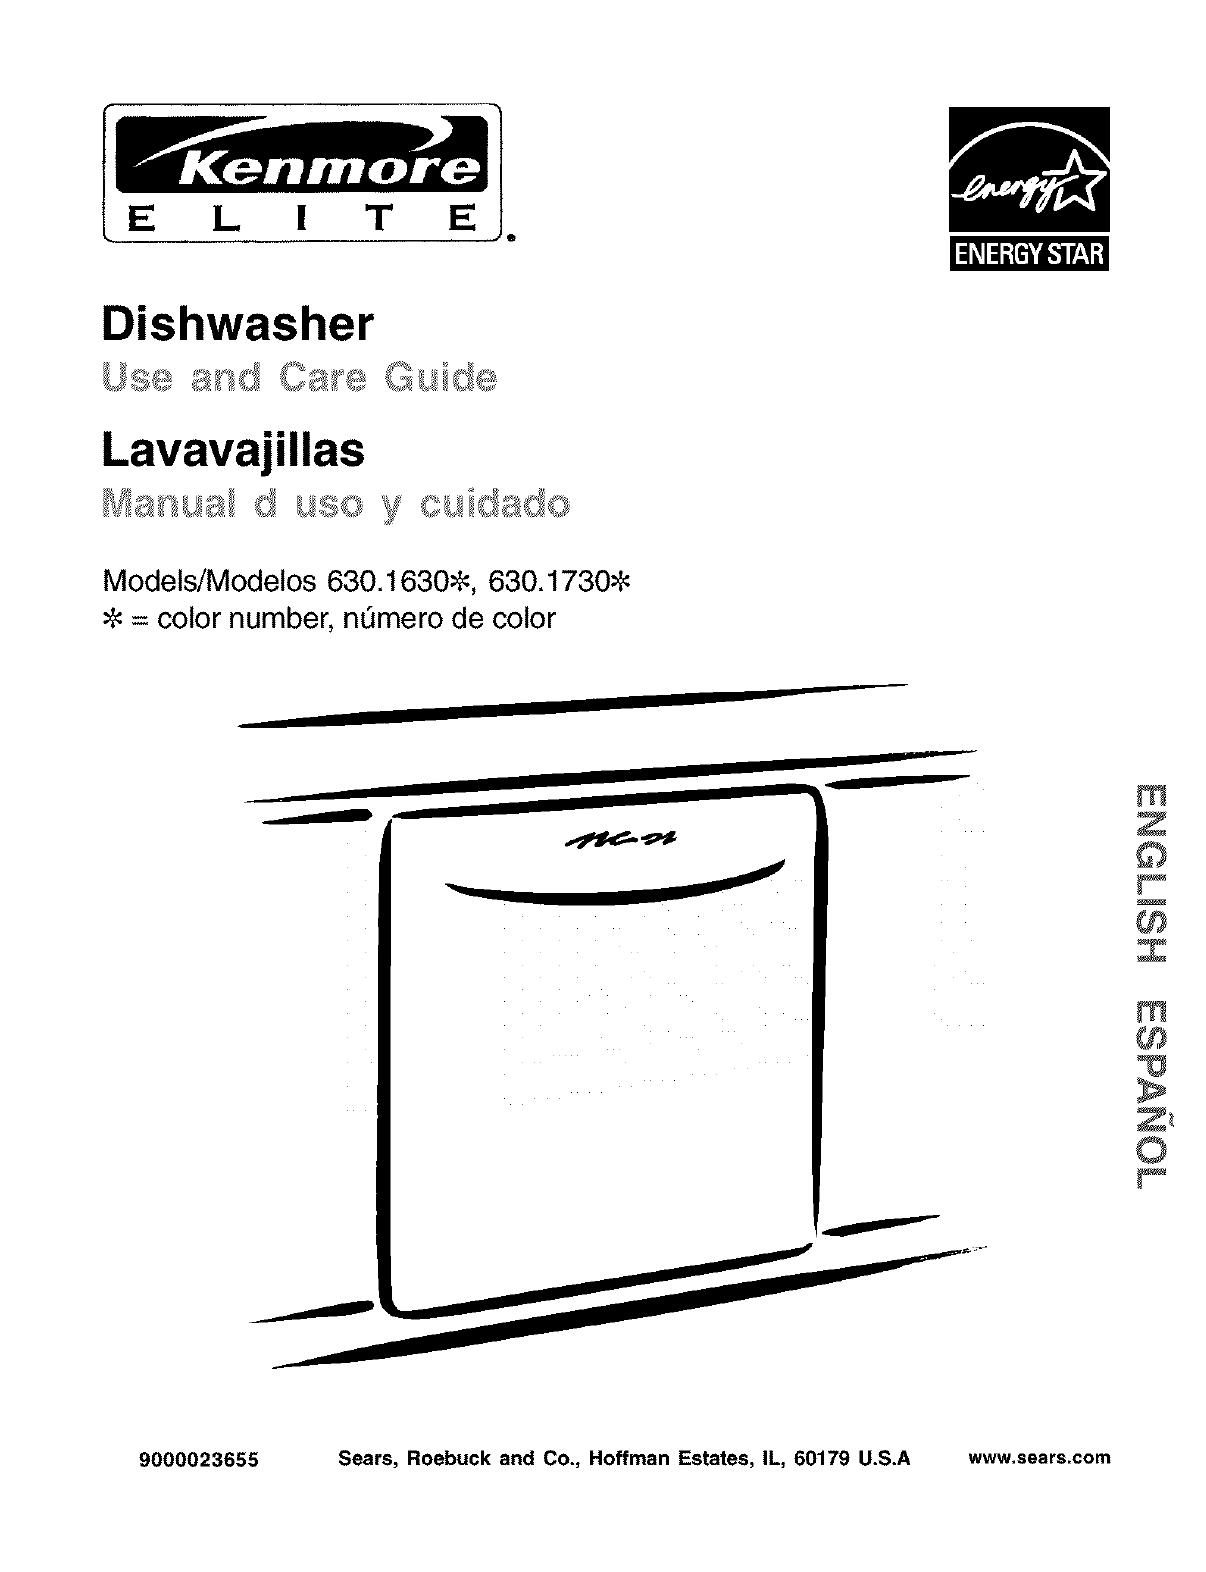 kenmore dishwasher model 630 manual